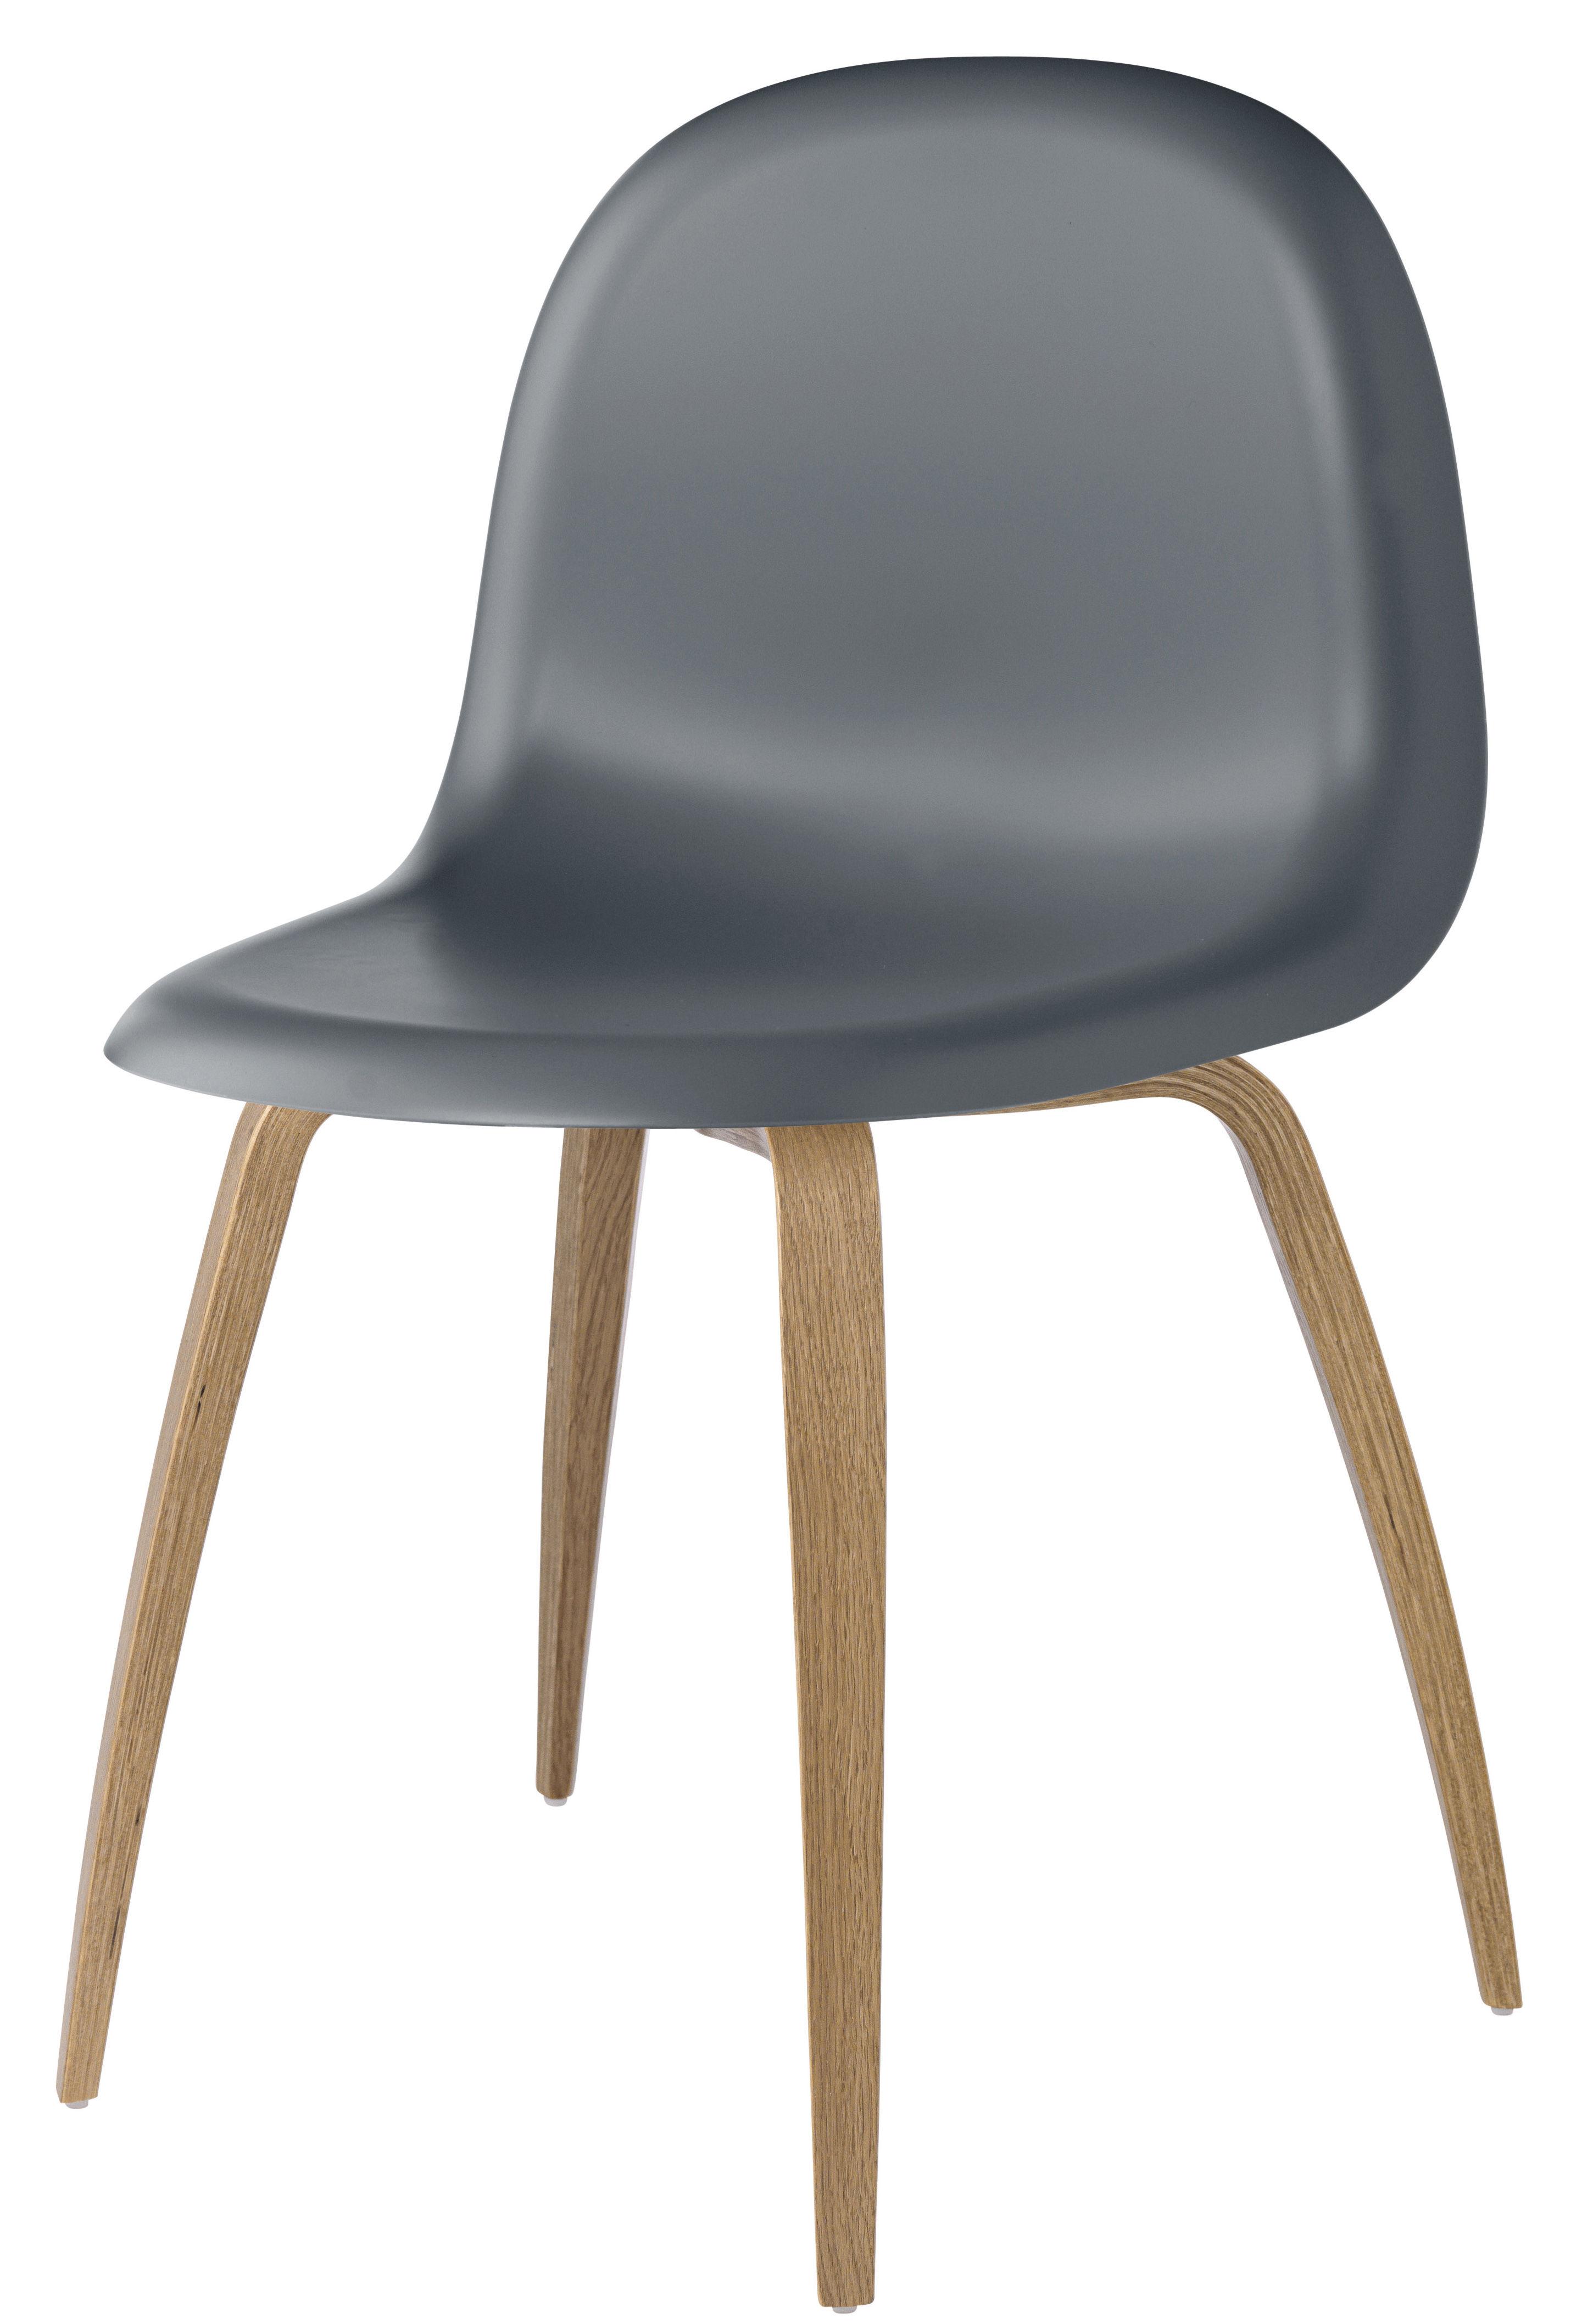 Chaise Gubi 5 Coque plastique& pieds bois Coque gris minuit Pi u00e8tement ch u00eane Gubi # Chaise Coque Plastique Pied Bois